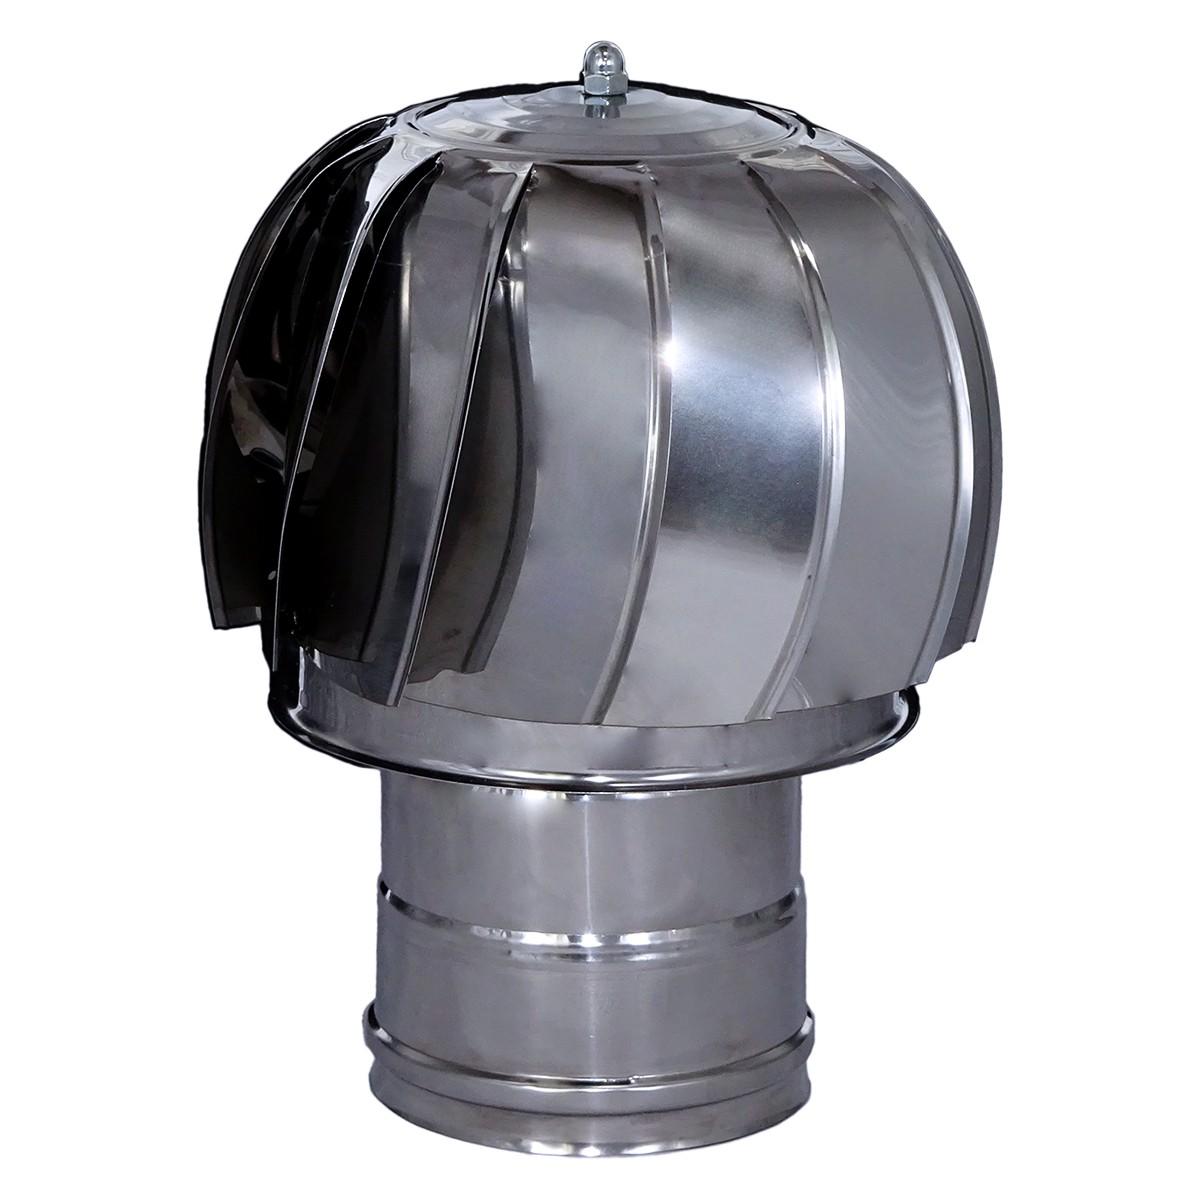 Pălărie rotativă din inox pentru coșuri de fum-Ø 110mm